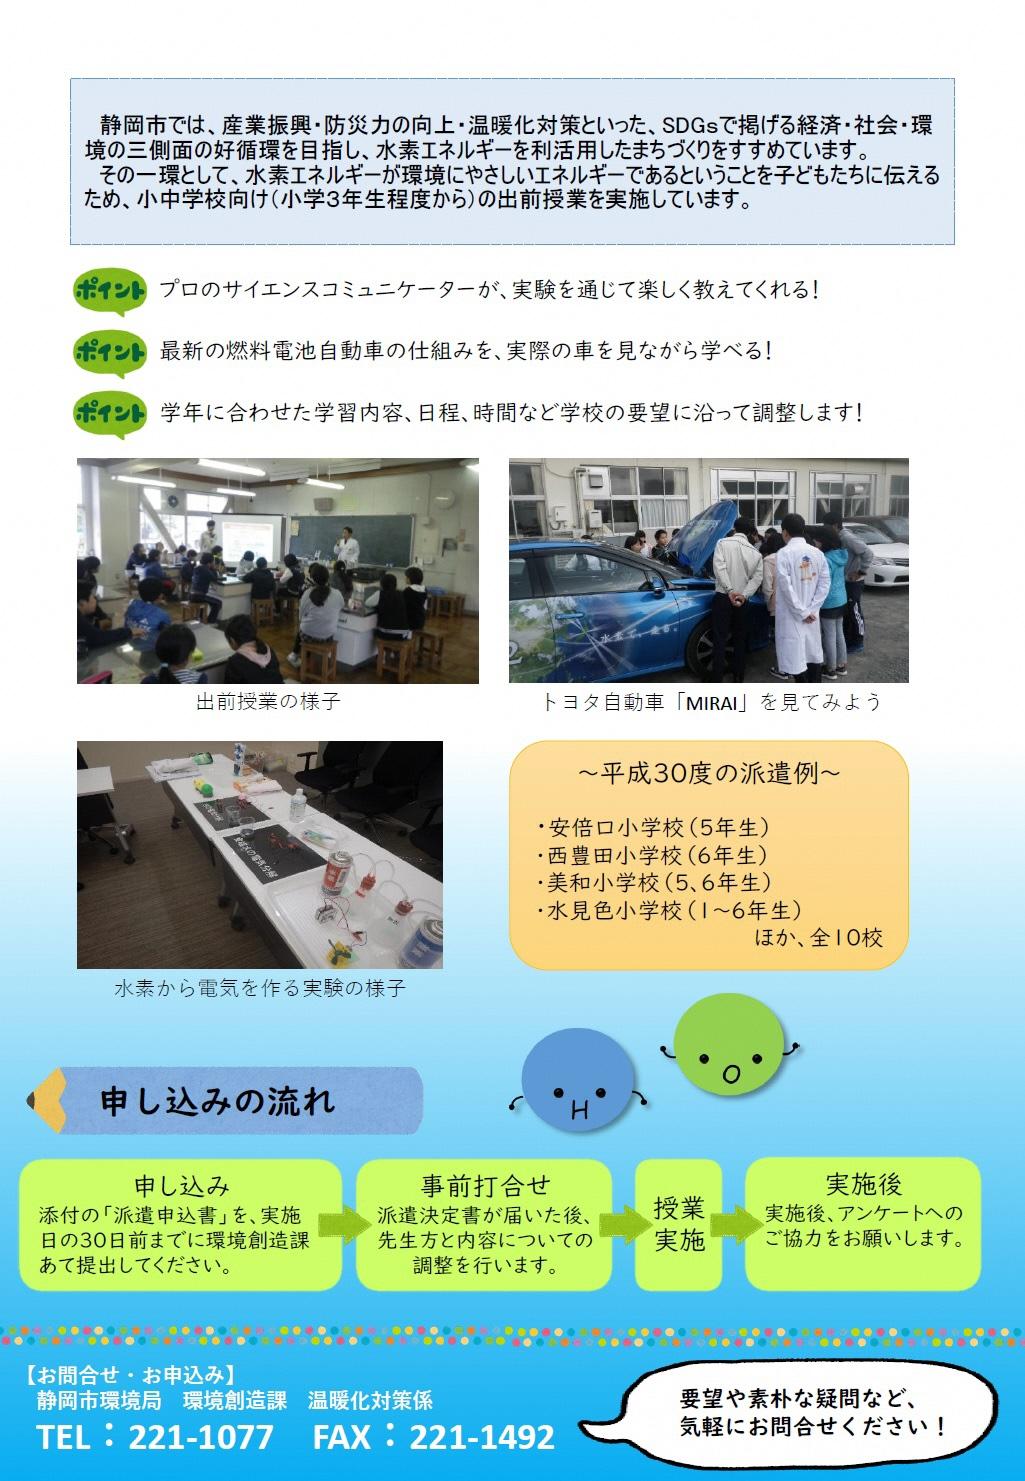 http://www.shizutan.jp/ondanka/event/2020/01/06/images/%E6%B0%B4%E7%B4%A0%E3%82%A8%E3%83%8D%E6%8E%88%E6%A5%AD%E3%83%81%E3%83%A9%E3%82%B7%E3%81%86%E3%82%89.jpg